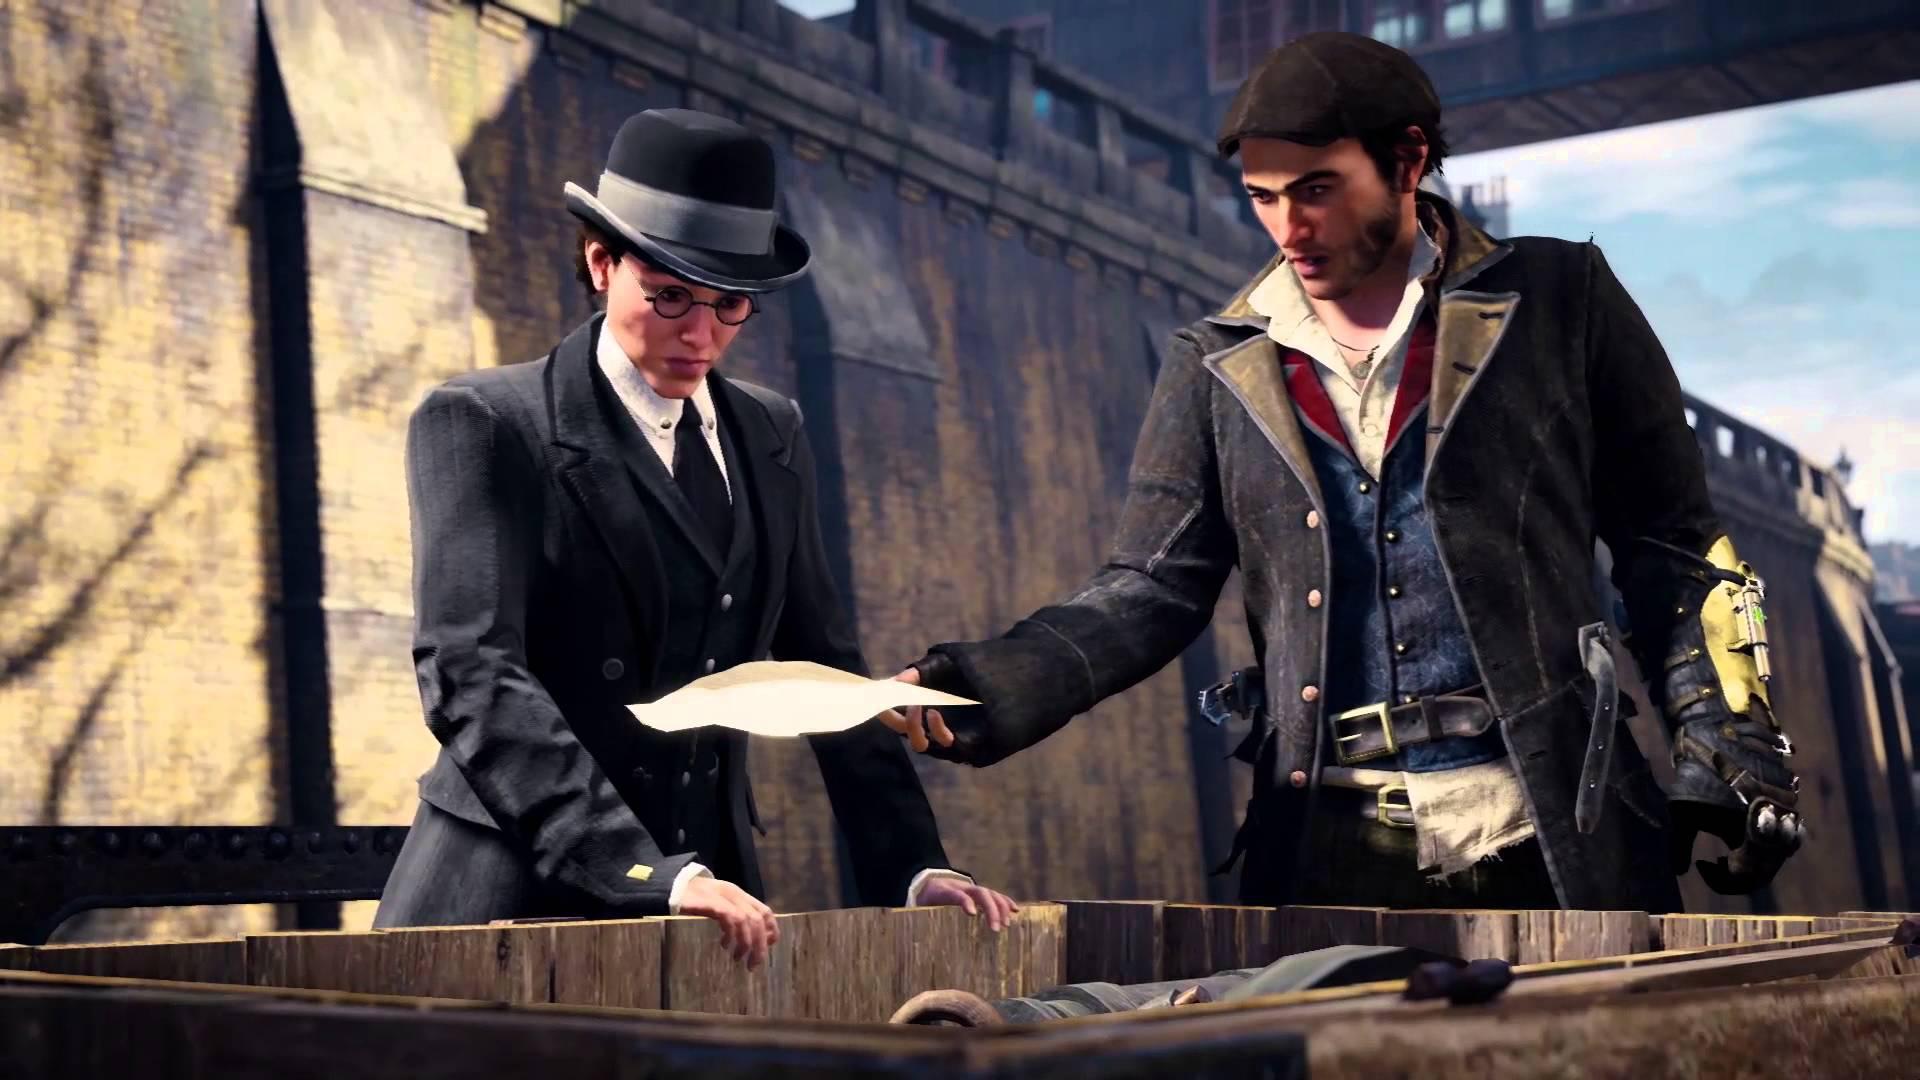 Trailer de prezentare a găștii de revoluționari din Assassin's Creed: Syndicate